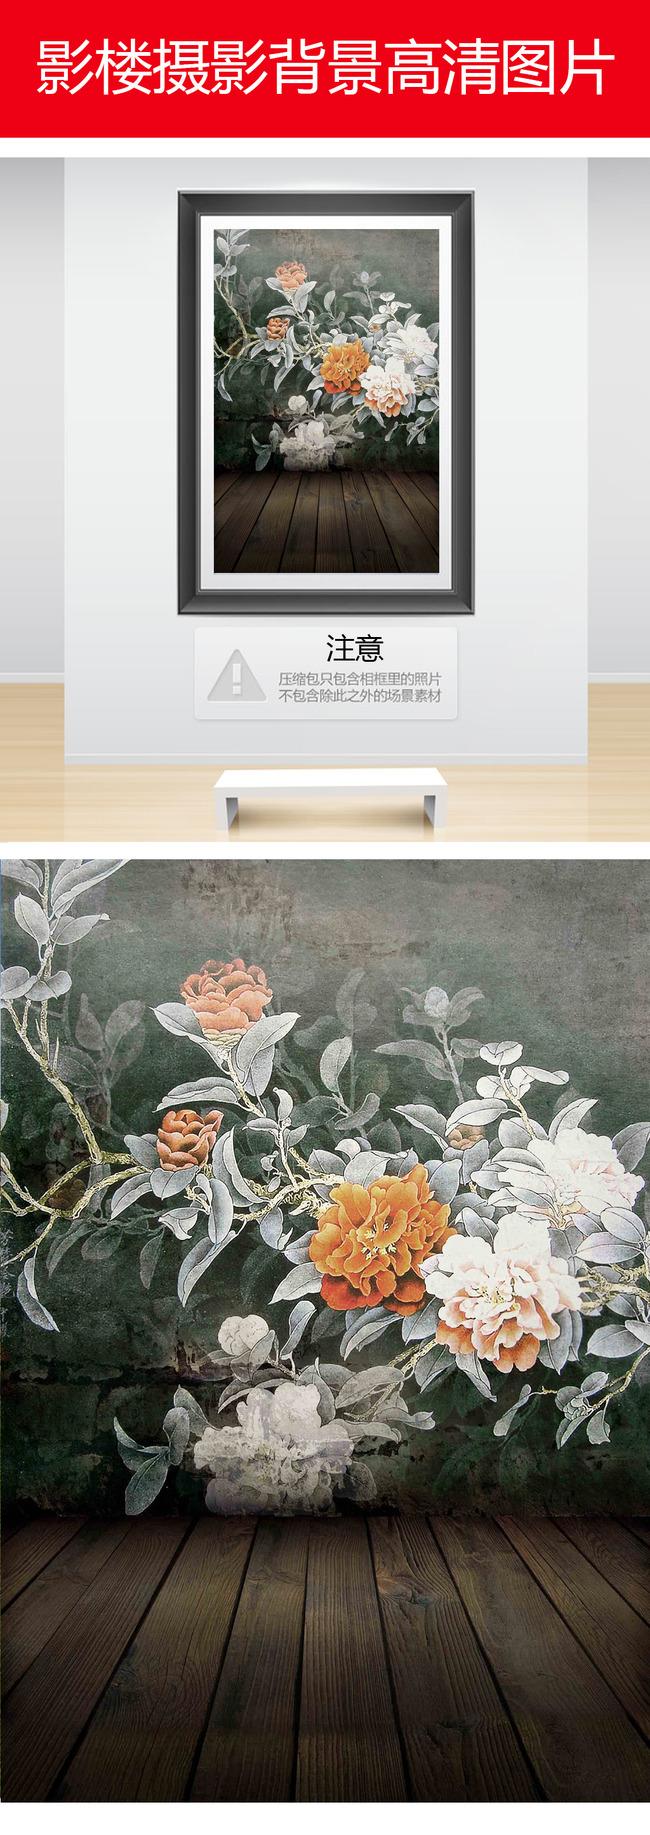 手绘古典花卉工笔画作品影楼摄影背景图片